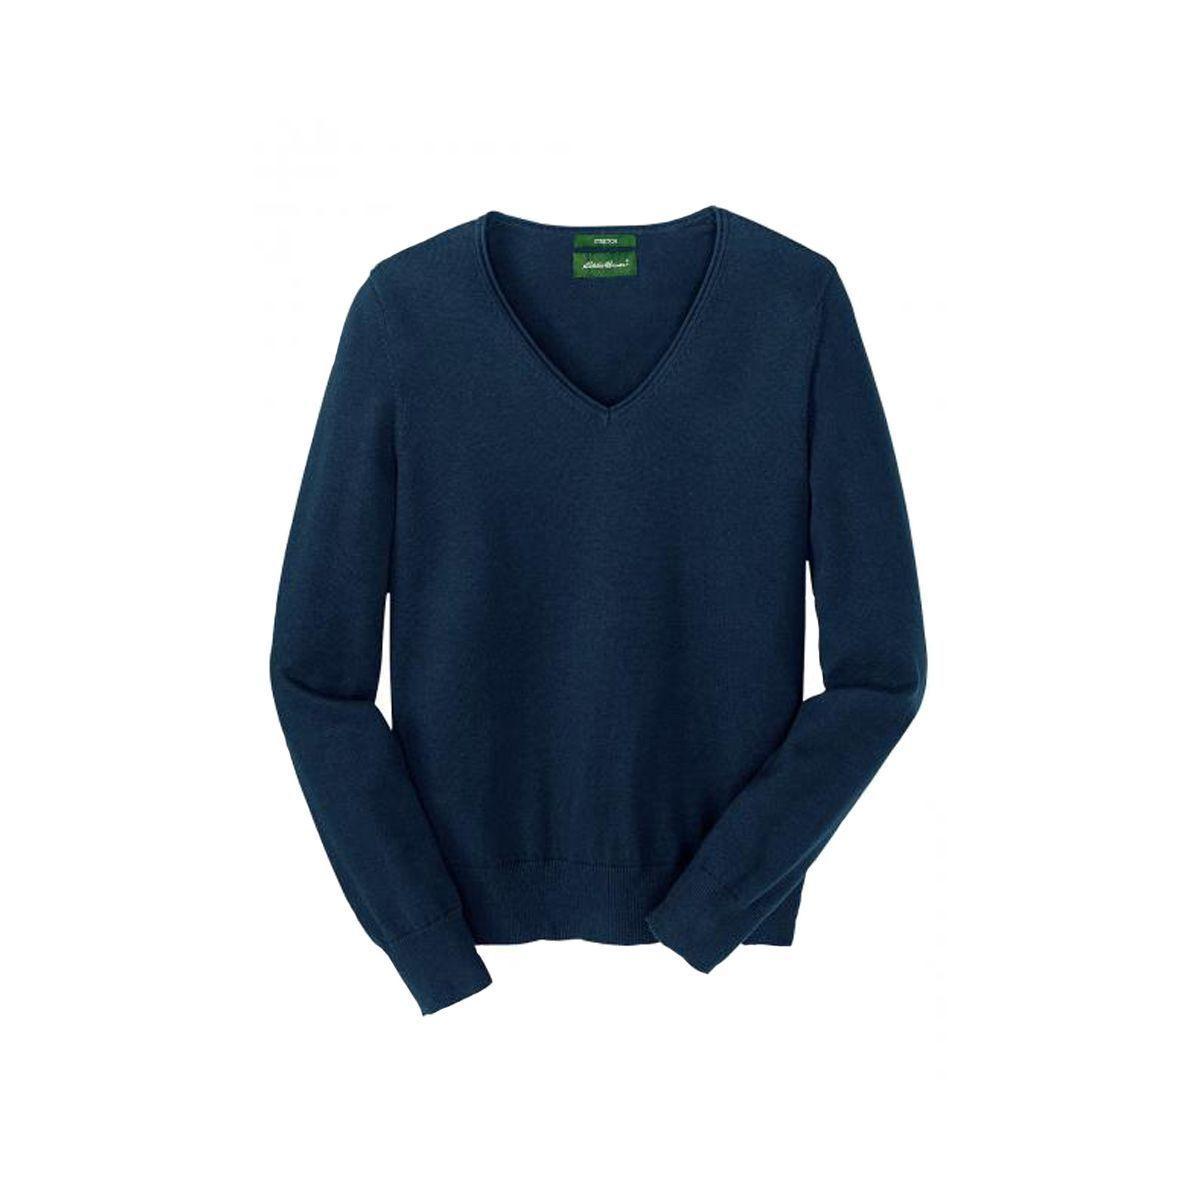 Пуловер женский Eddie Bauer Womens Basic Pullover mit V-Ausschnitt NAVY